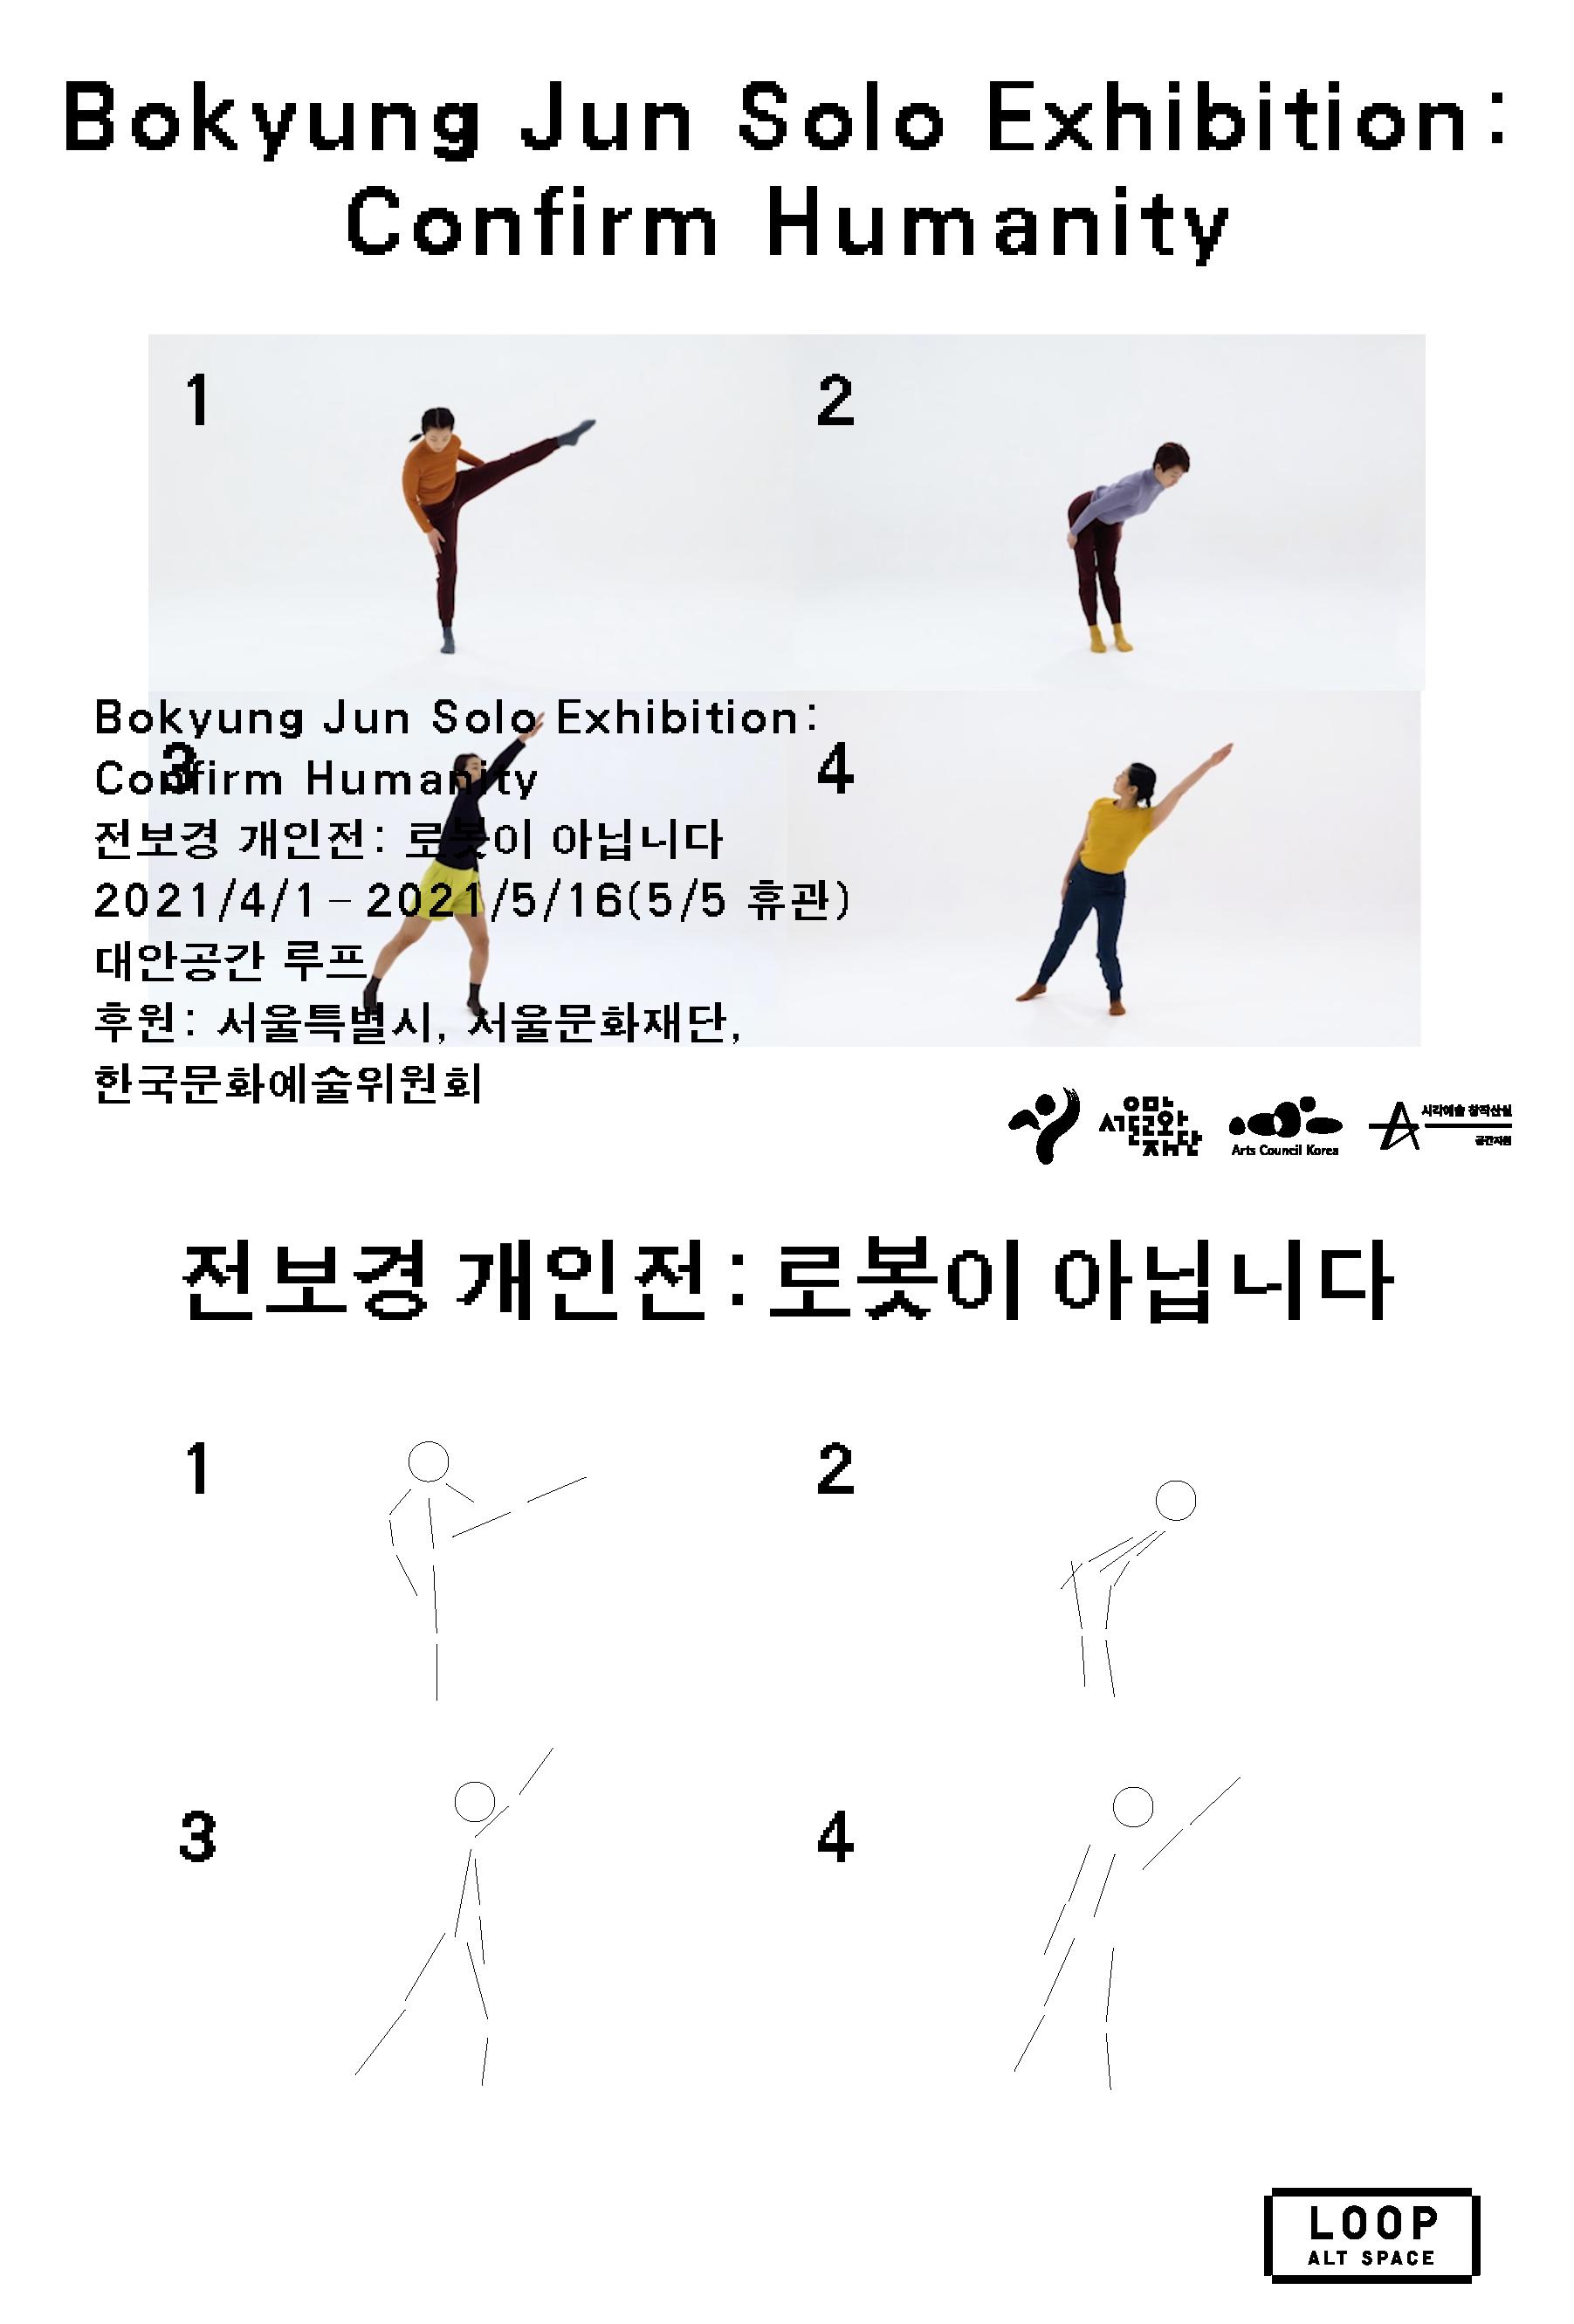 Bokyung Jun Solo Exhibition: Confirm Humanity